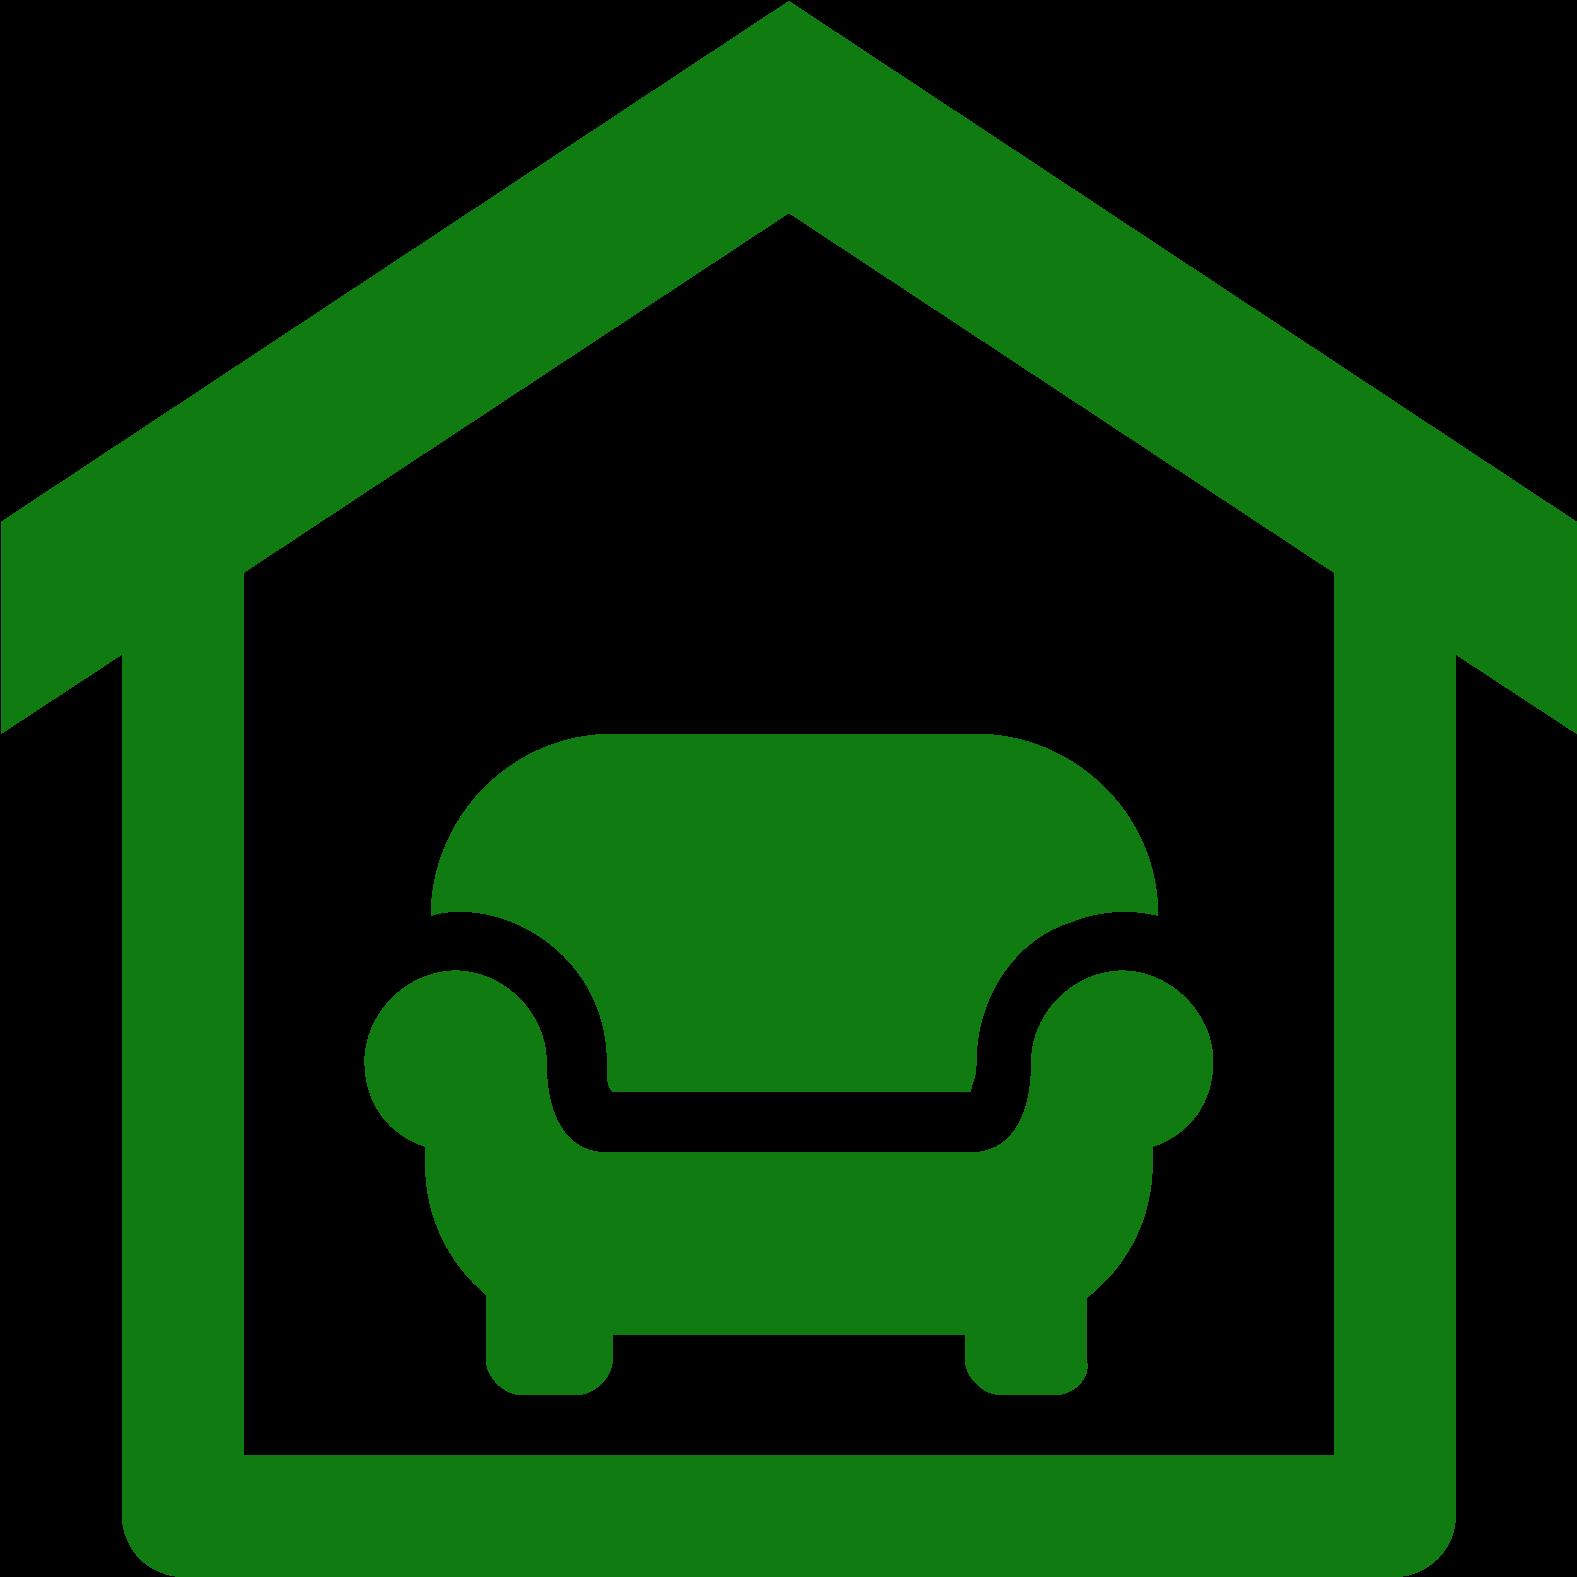 Interior design icon clipart